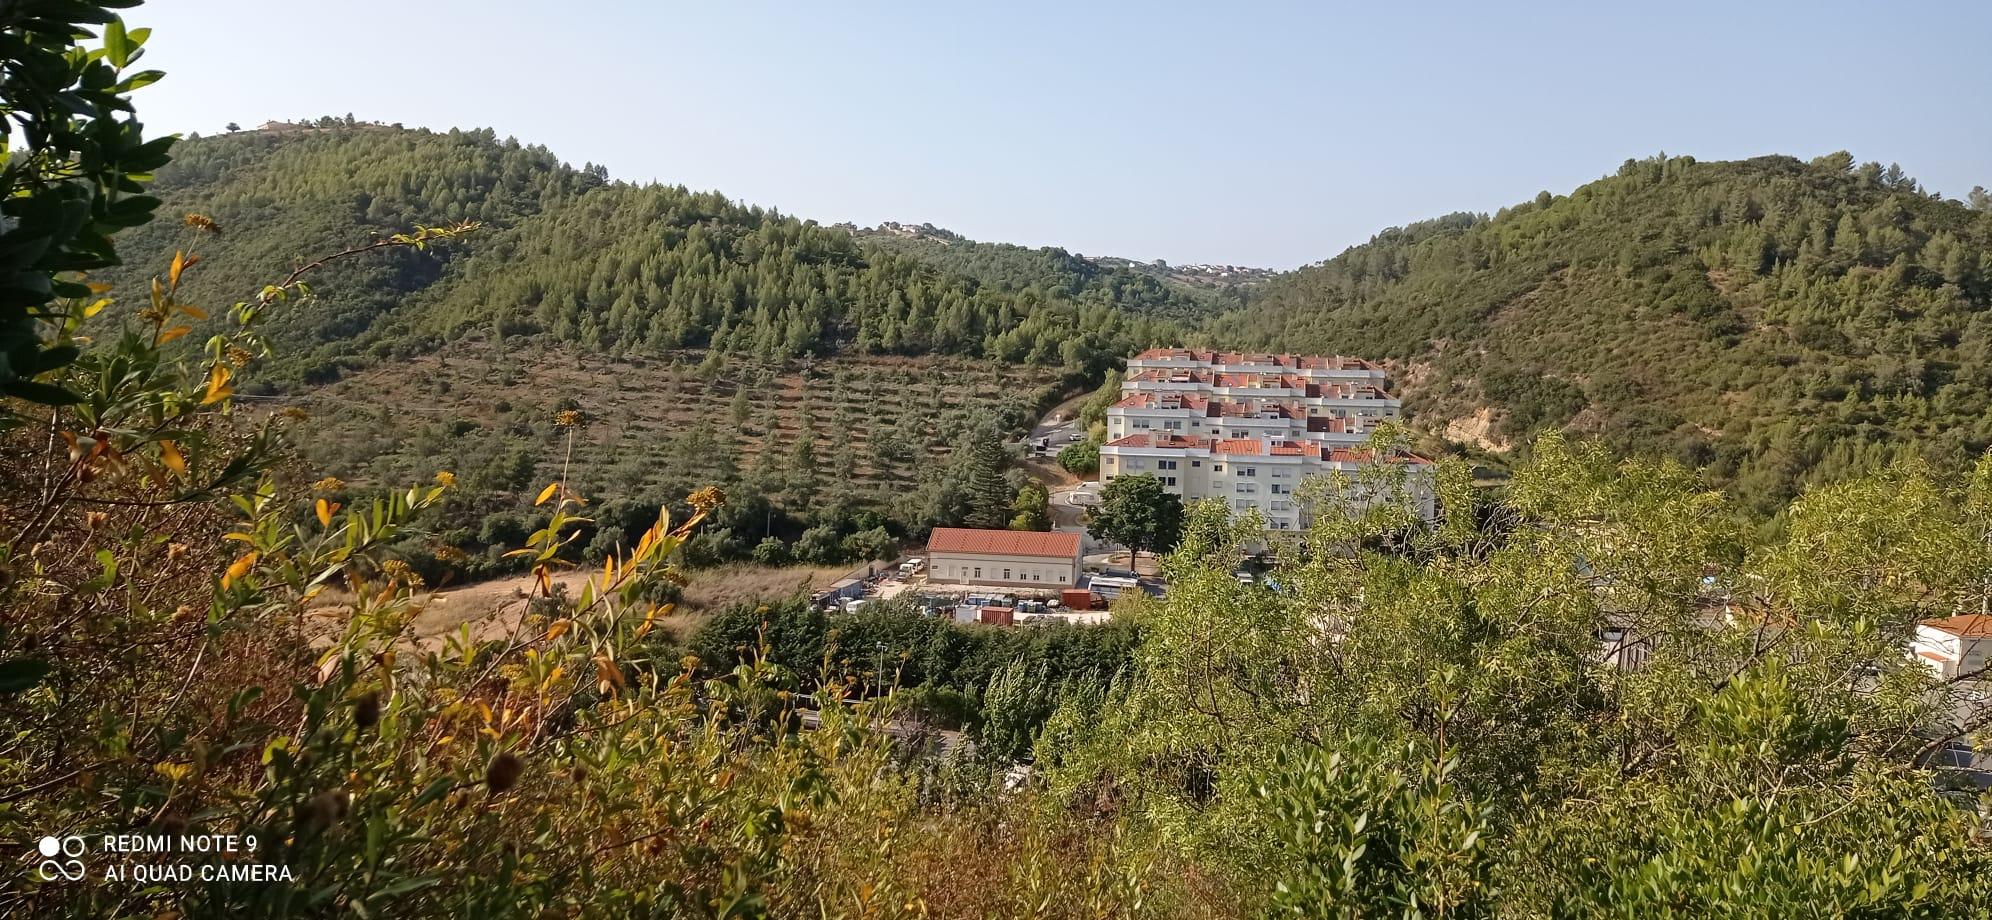 Caminhada, Yoga, Jogos de floresta & Piquenique